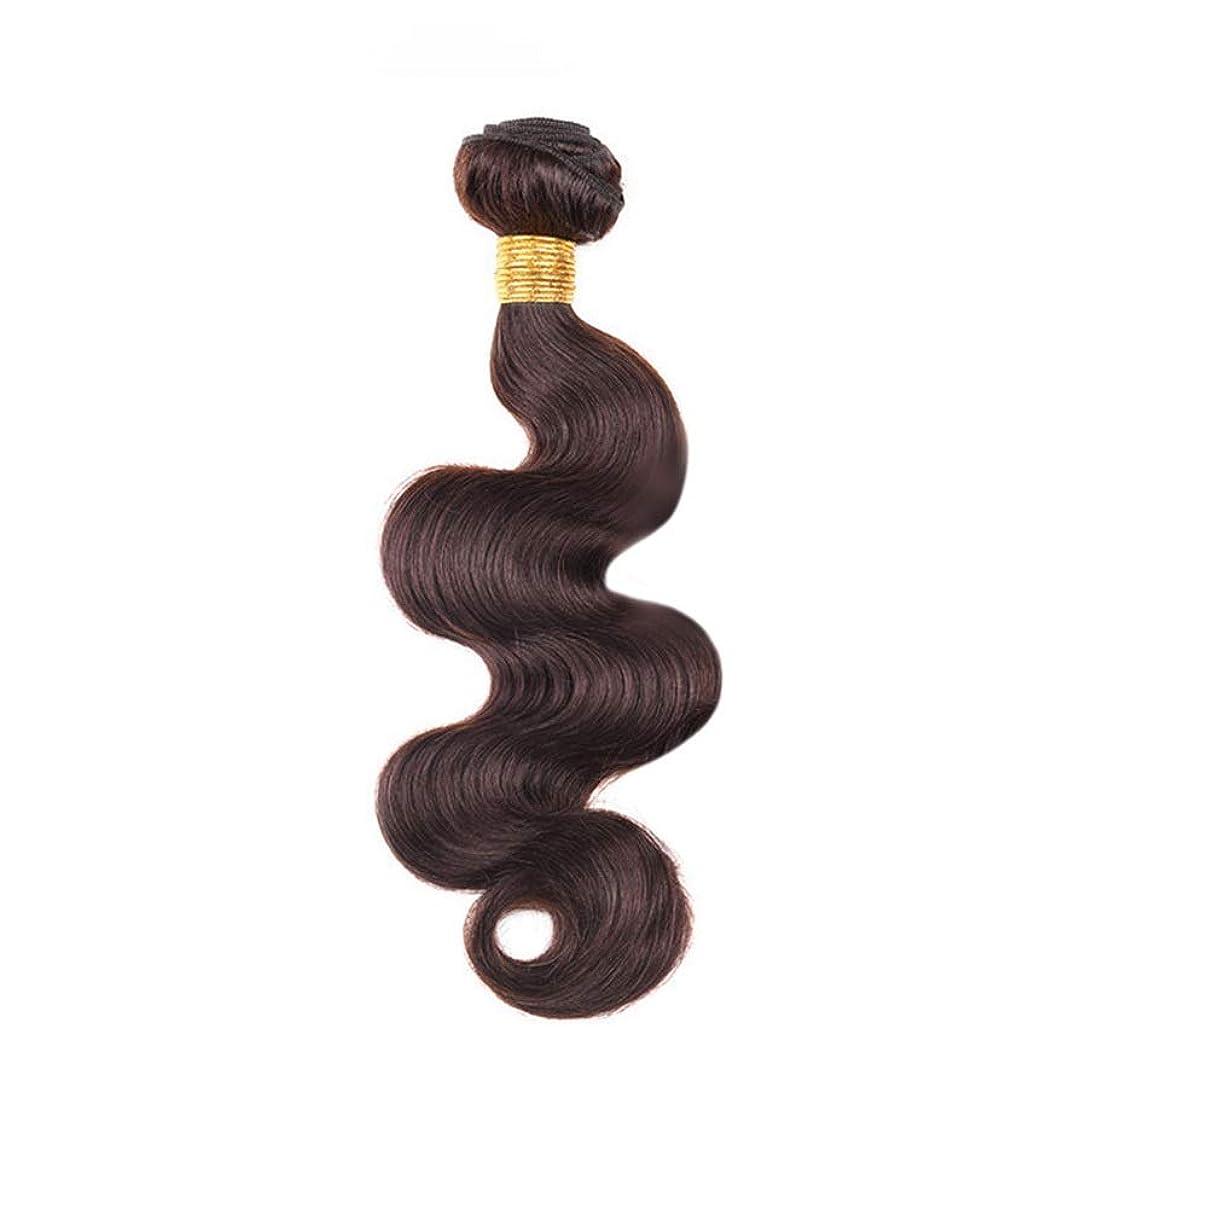 水を飲む表現恥ずかしさBOBIDYEE 100%人毛織りバンドルリアルレミーナチュラルヘアエクステンション横糸 - ボディウェーブ - 2#ダークブラウン(100g / 1バンドル、10インチ-24インチ)複合毛レースかつらロールプレイングウィッグロング&ショート女性ネイチャー (色 : Dark brown, サイズ : 16 inch)